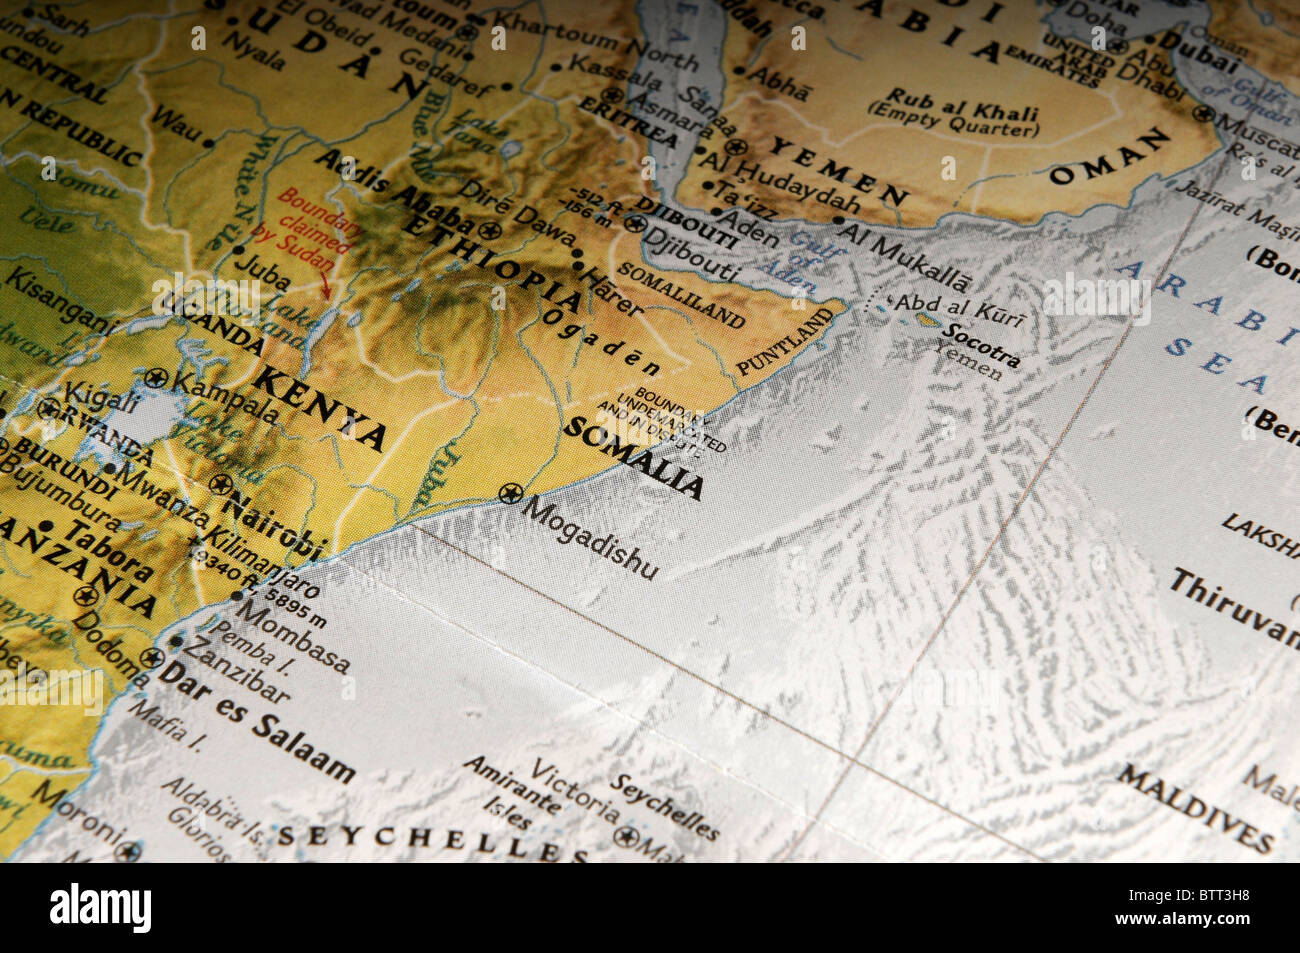 Map of Somalia - Stock Image